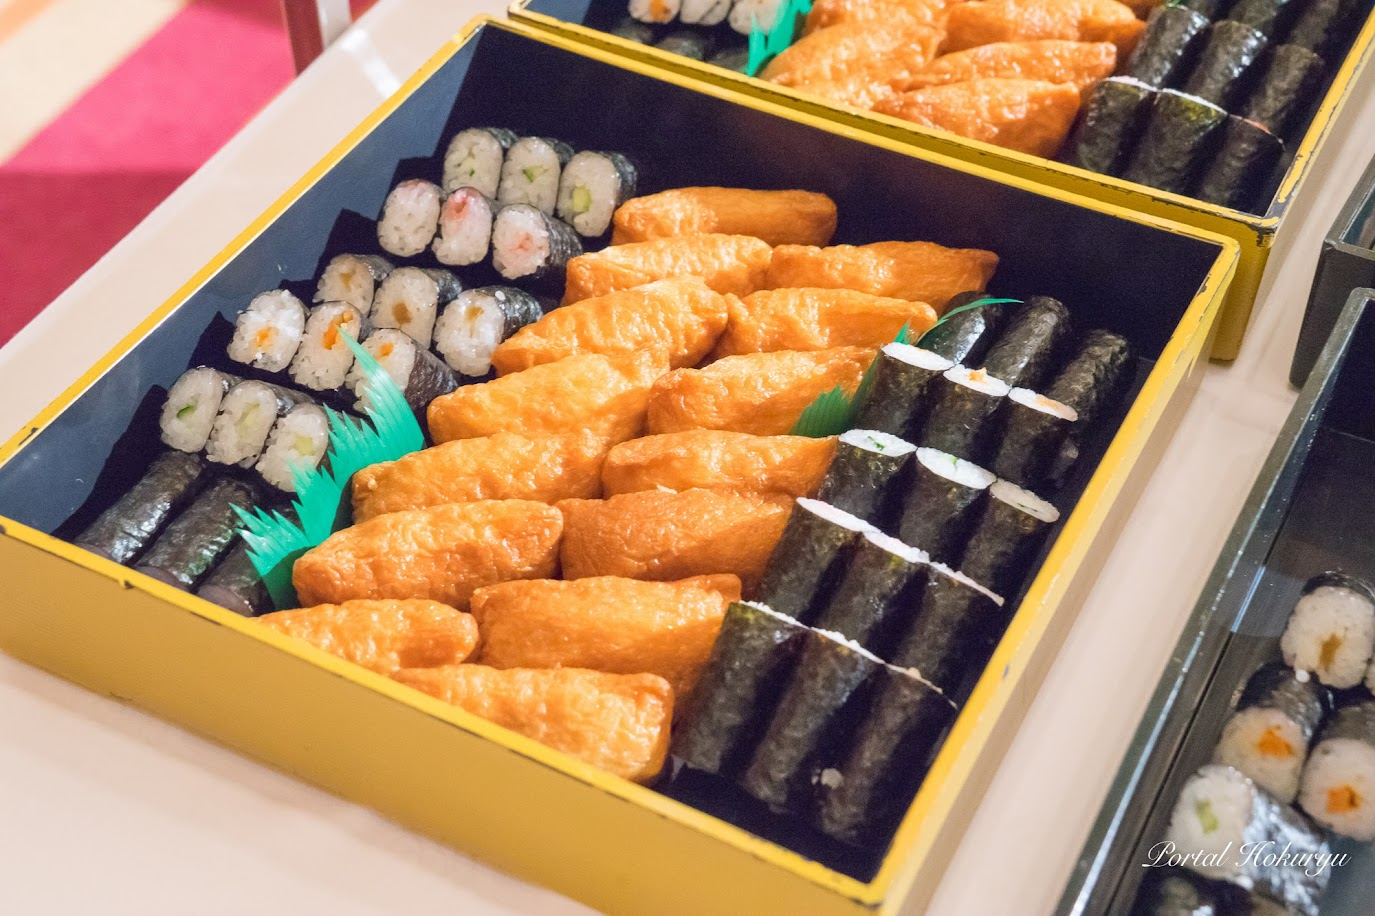 細巻寿司と稲荷